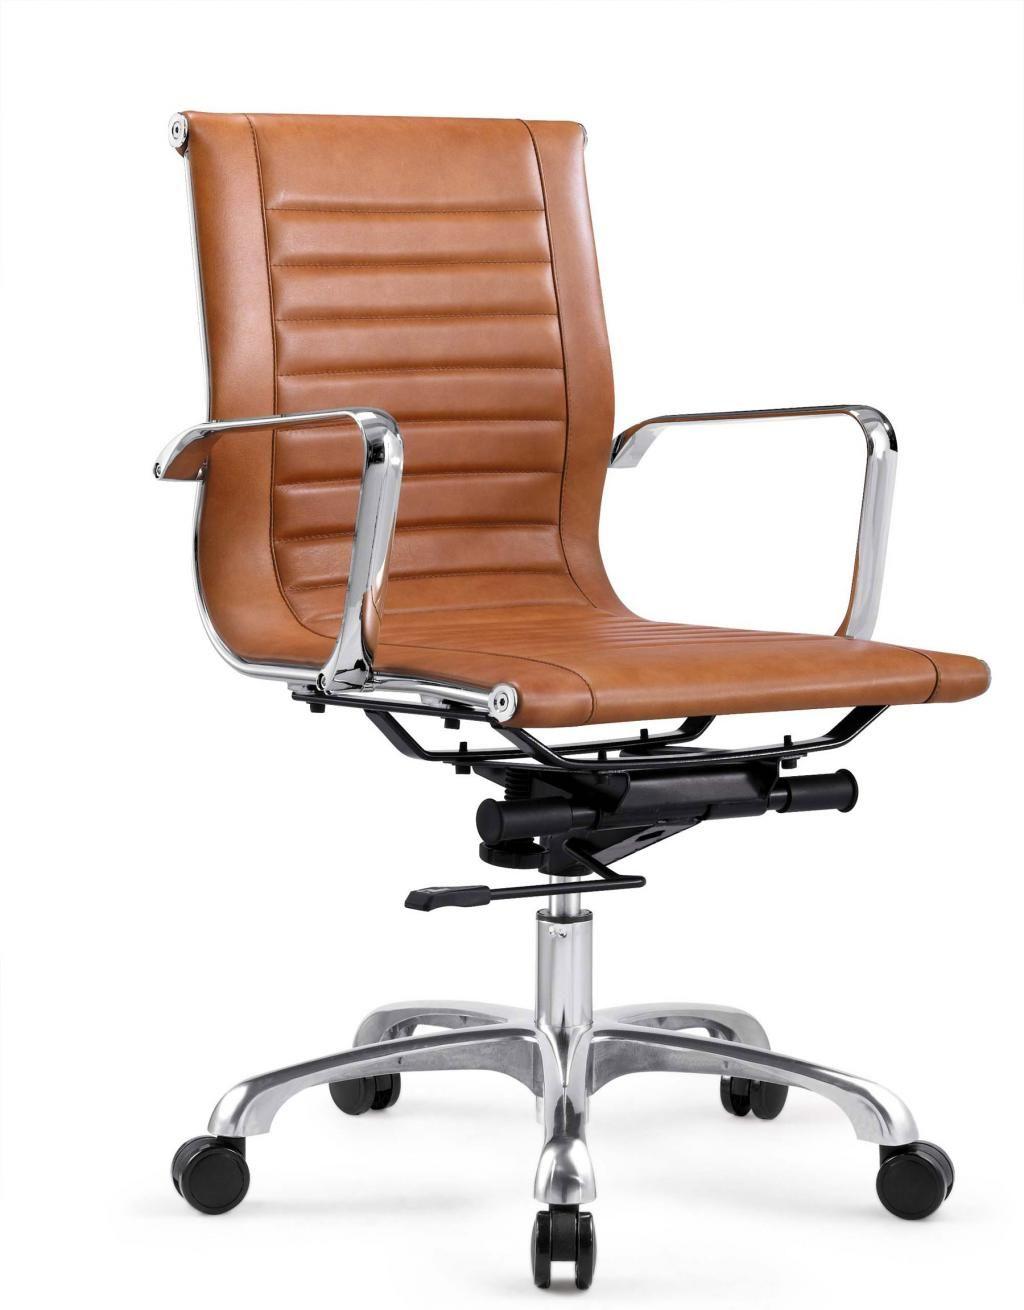 Luxe Leren Bureaustoel.Een Mooie Comfortabele Leren Bureaustoel Van Rob Ruby Mag Niet